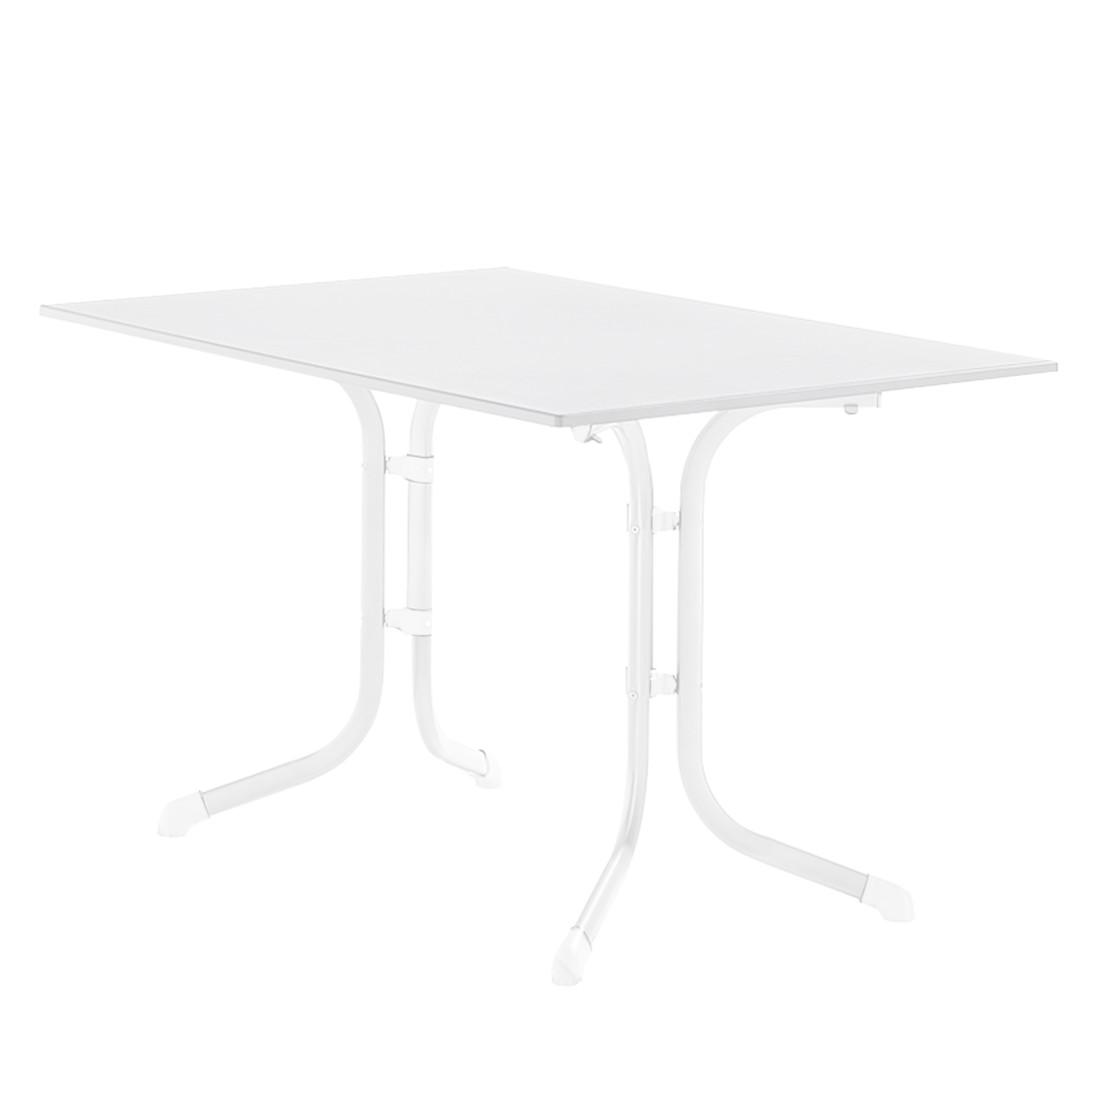 Klapptisch Luling - Weiß/Marmorweiß - 120 x 73 x 80 cm, Sieger